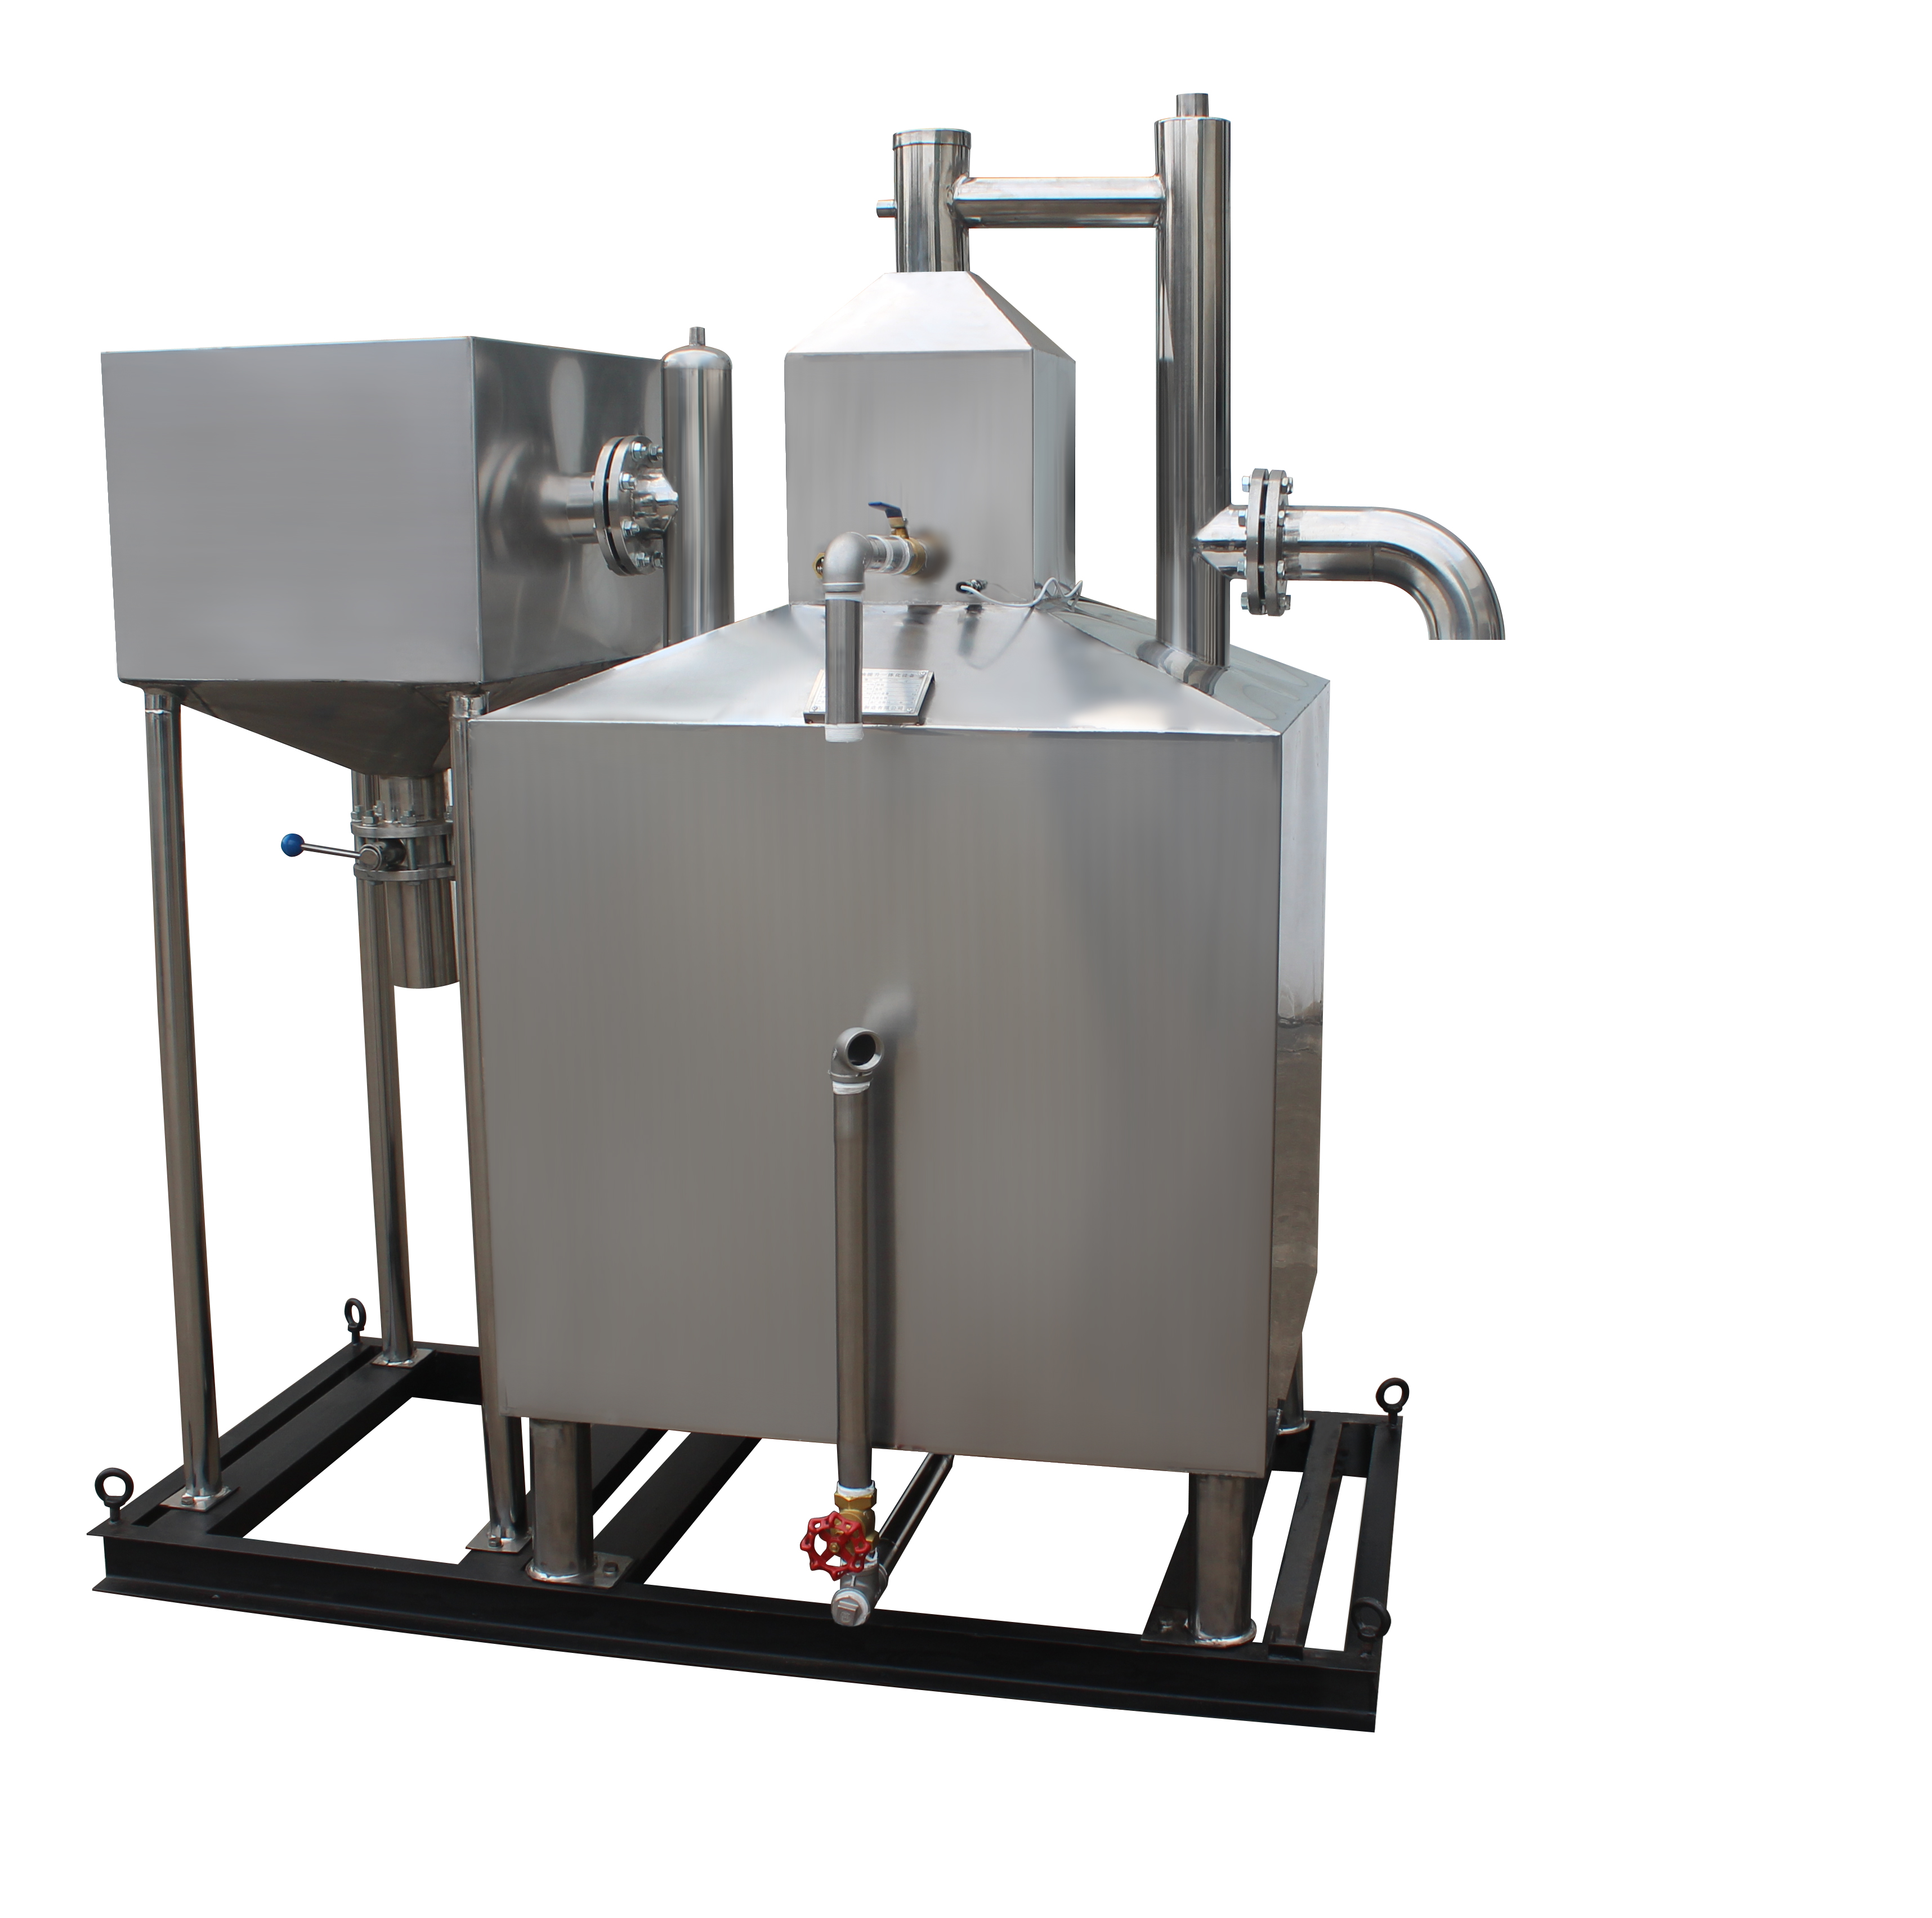 sgy-b型隔油排污设备的控制也可根据不同